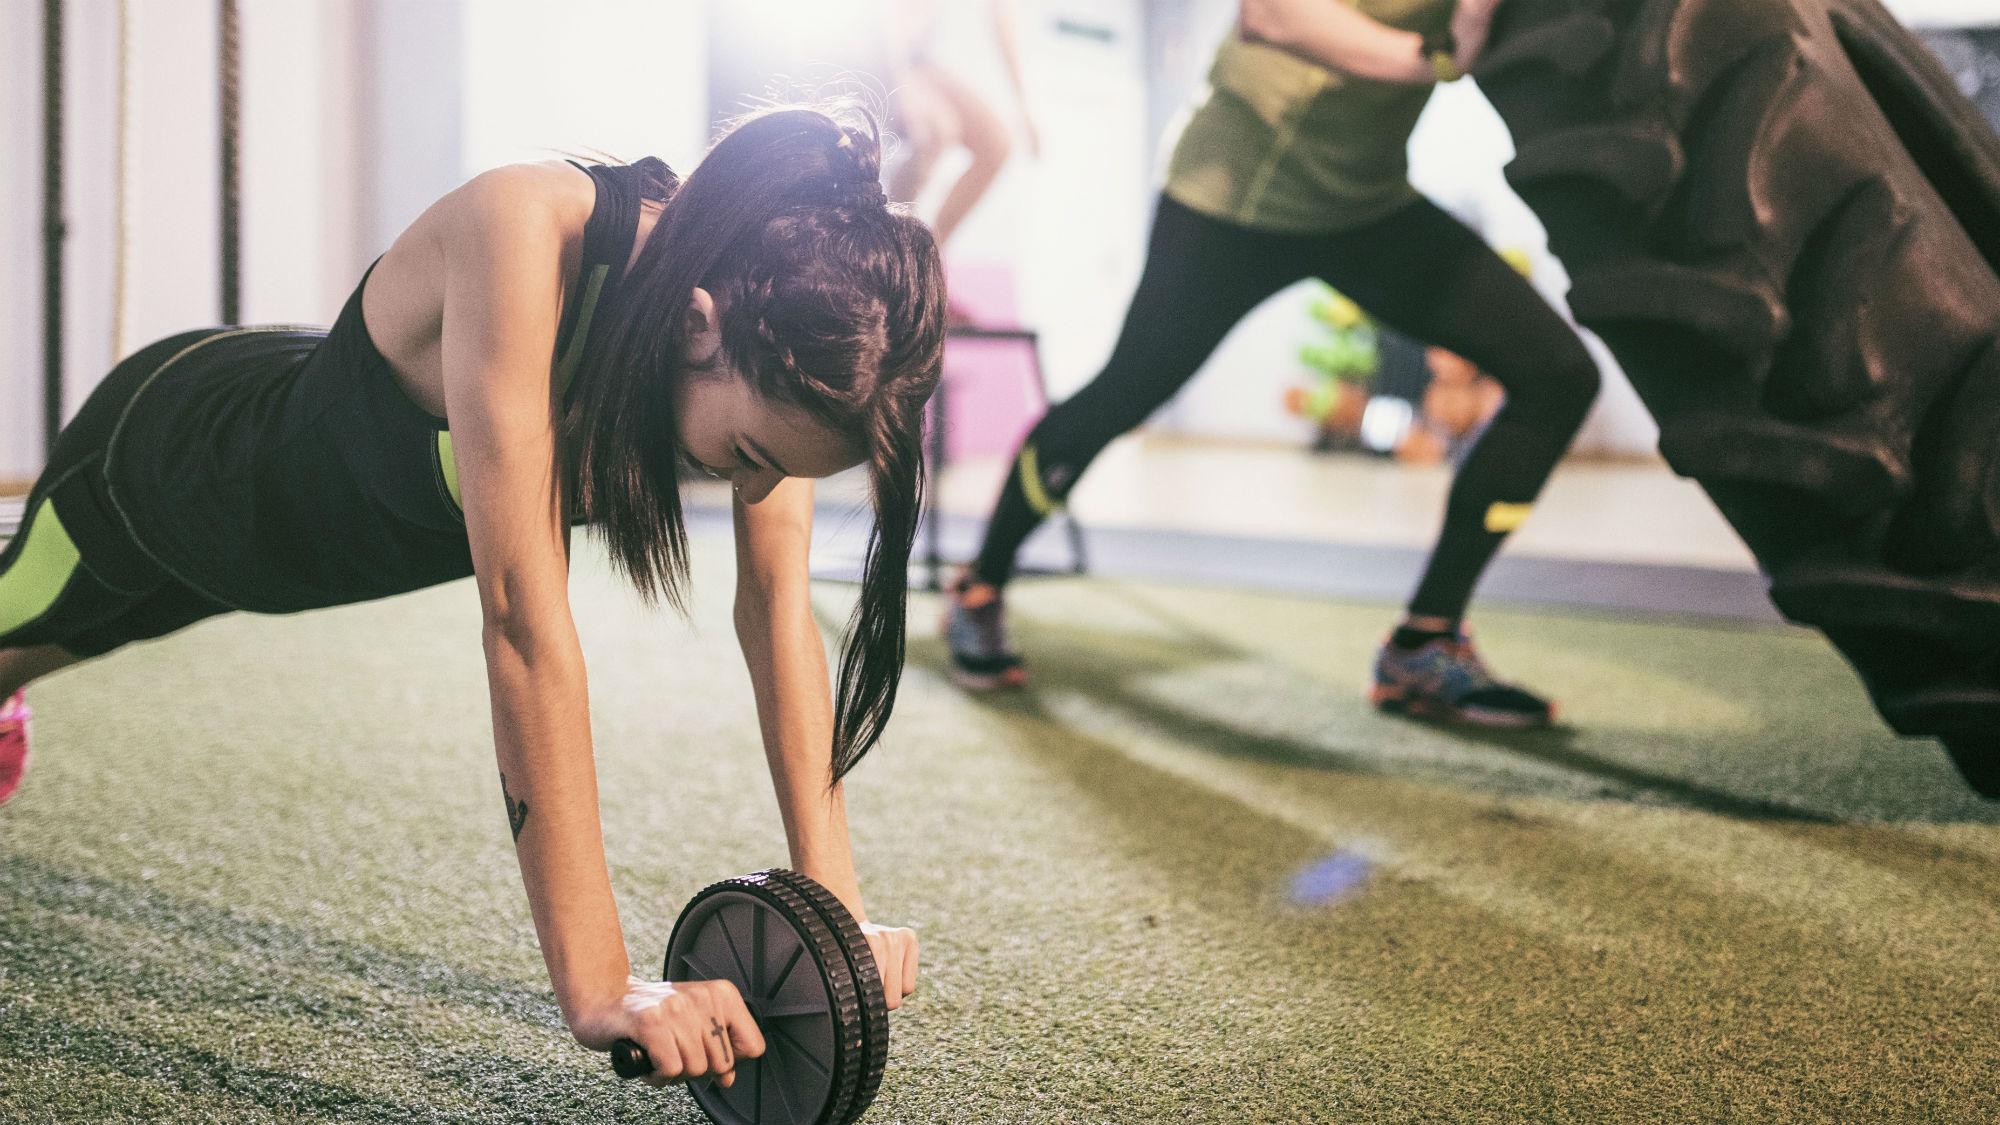 exercise-img.jpg